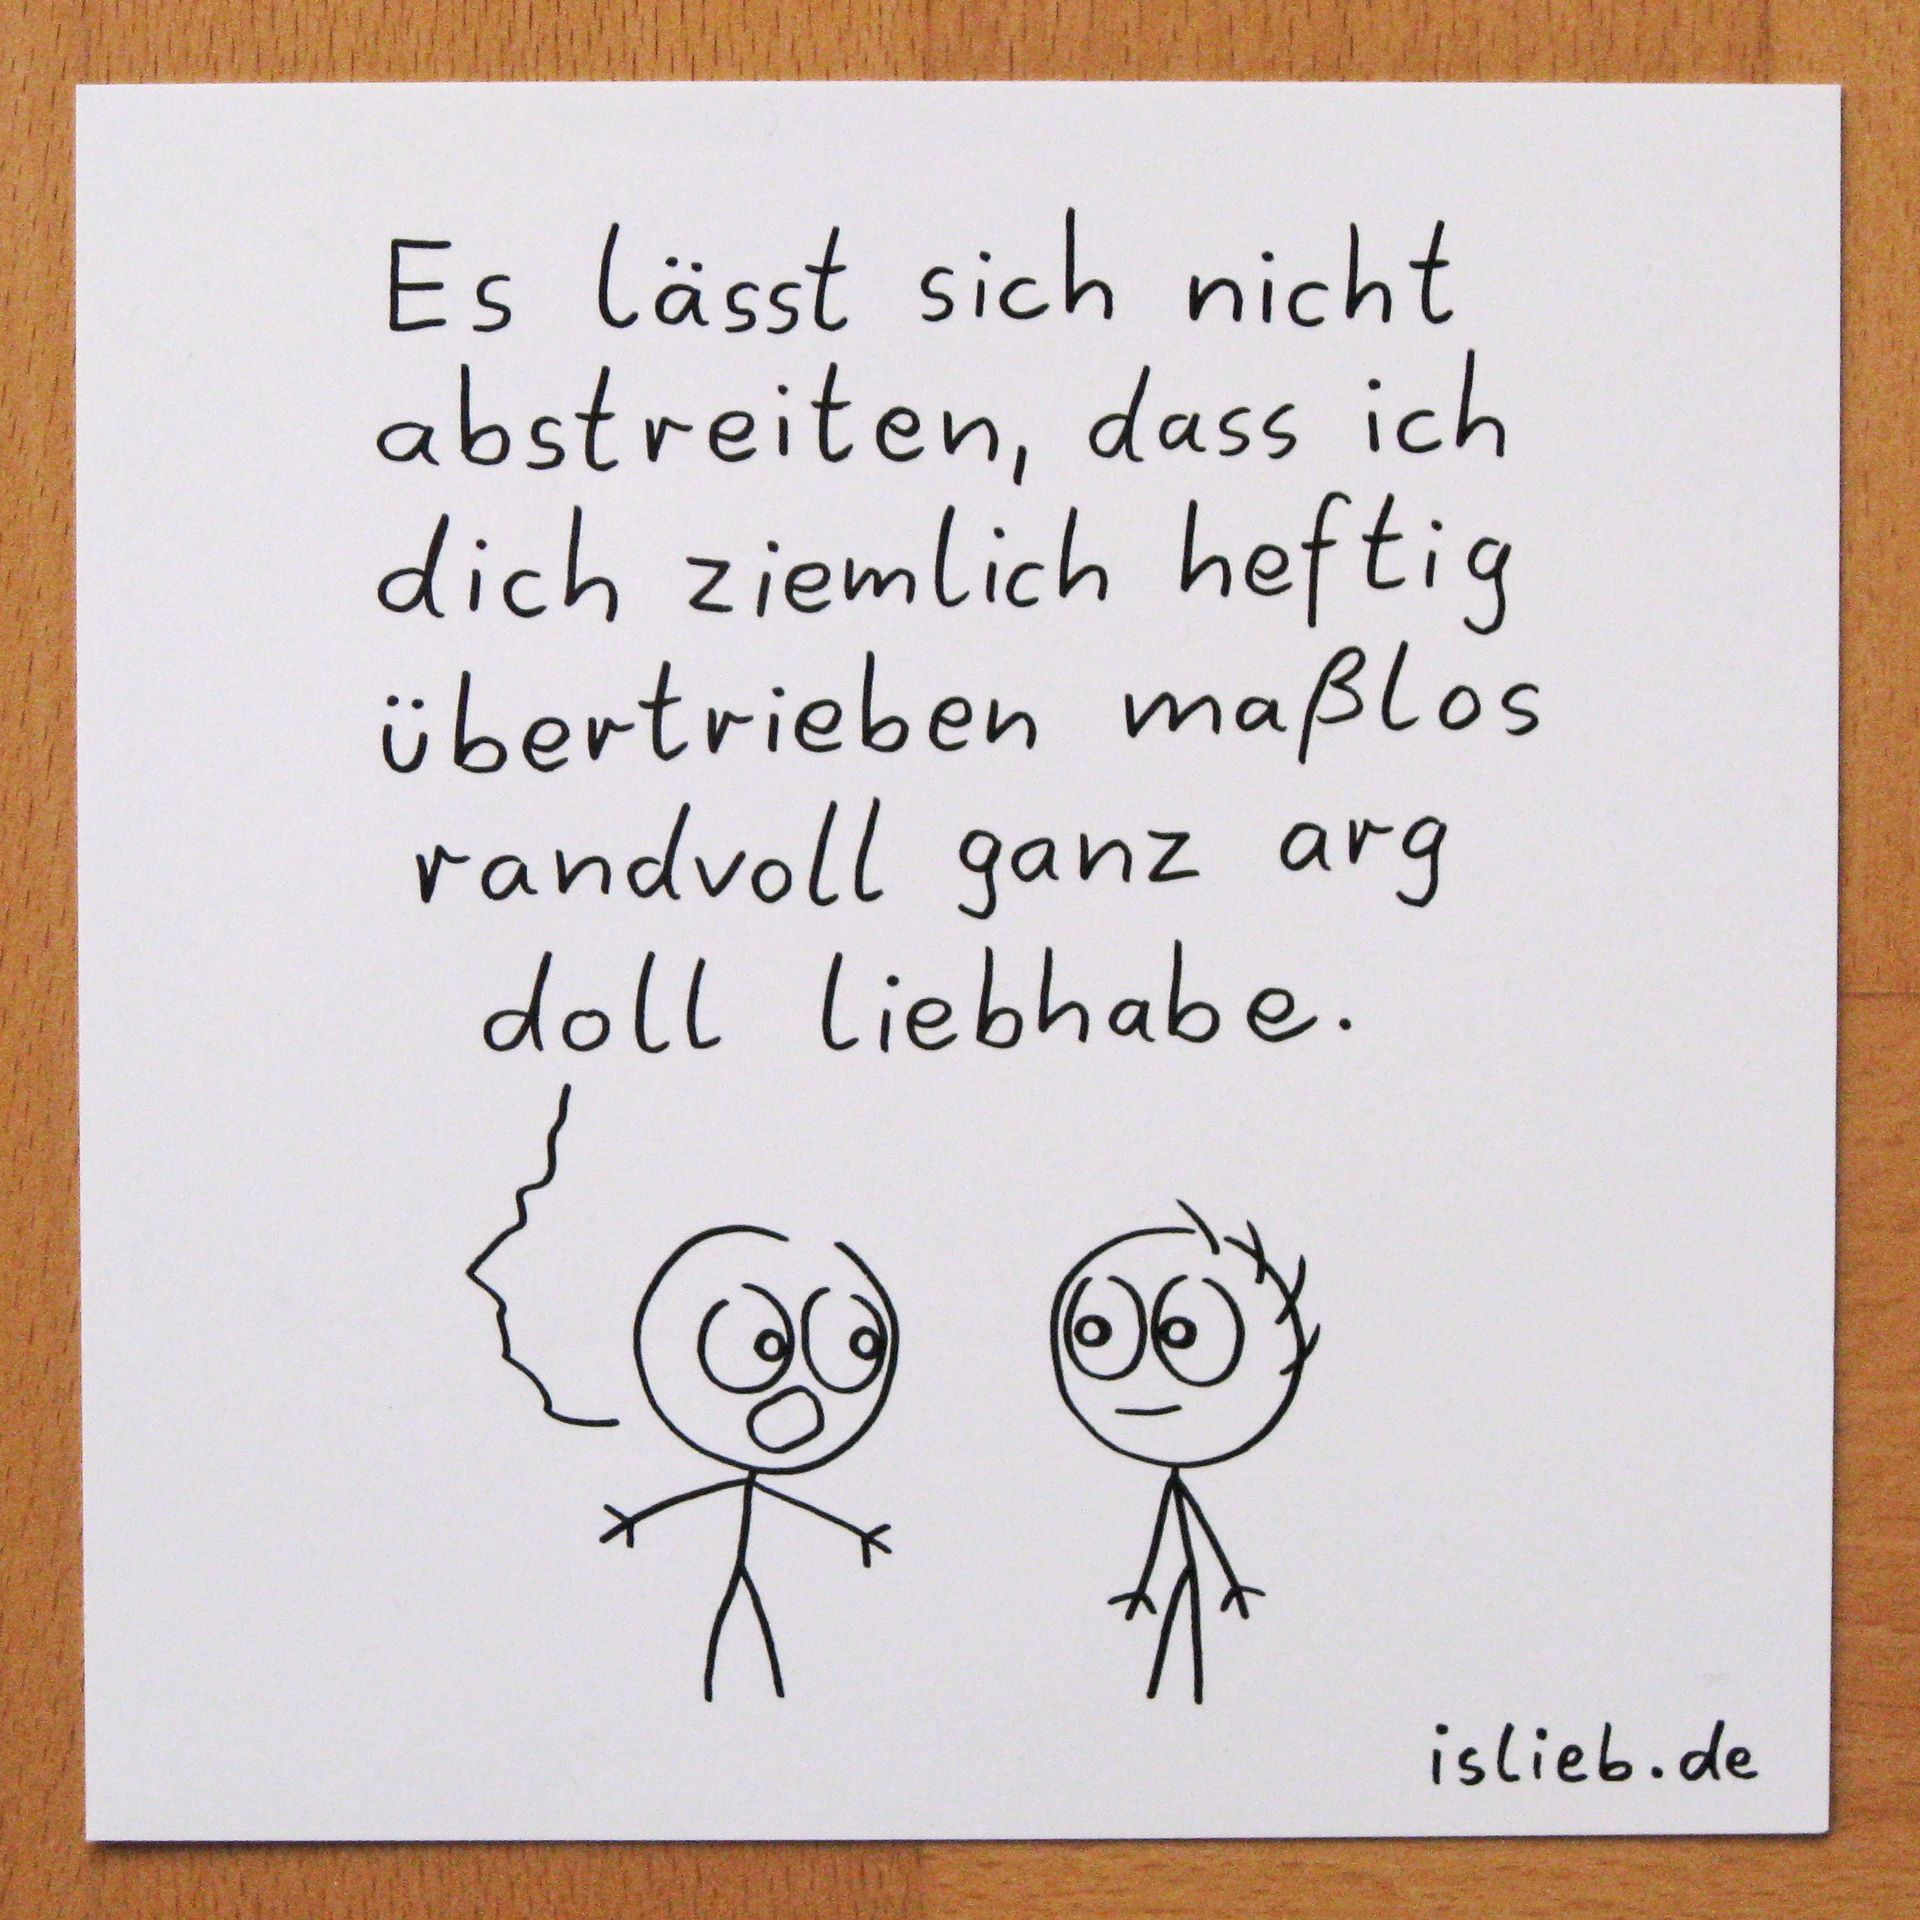 #liebhaben #habdichlieb #kompliment #liebe #islieb